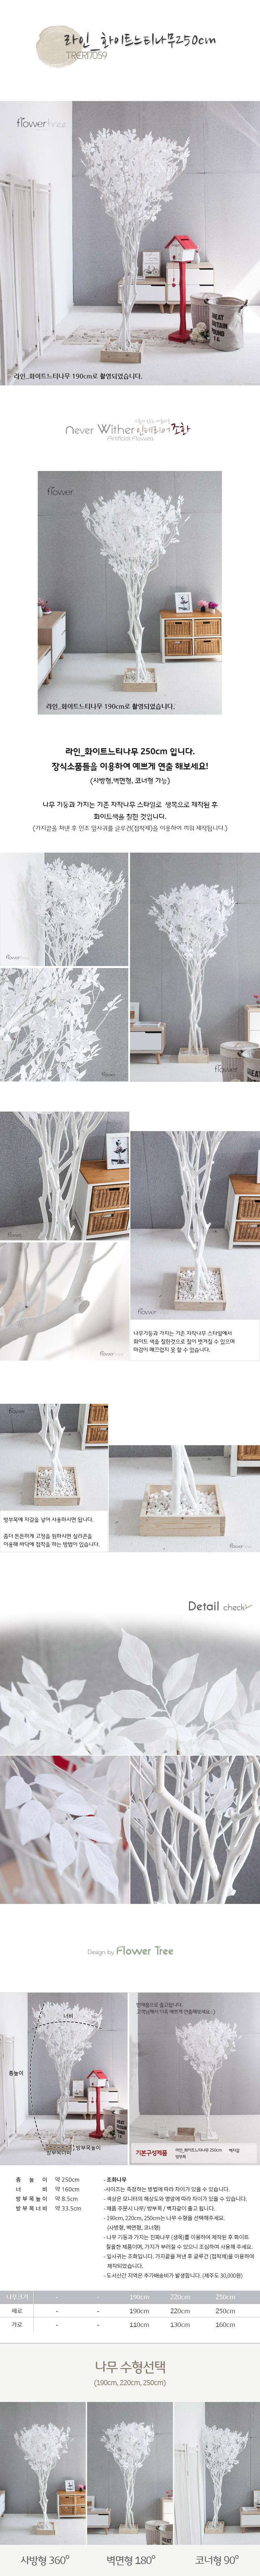 라인_화이트느티나무 250cm FREOFT - 플라워트리, 366,000원, 조화, 인조목